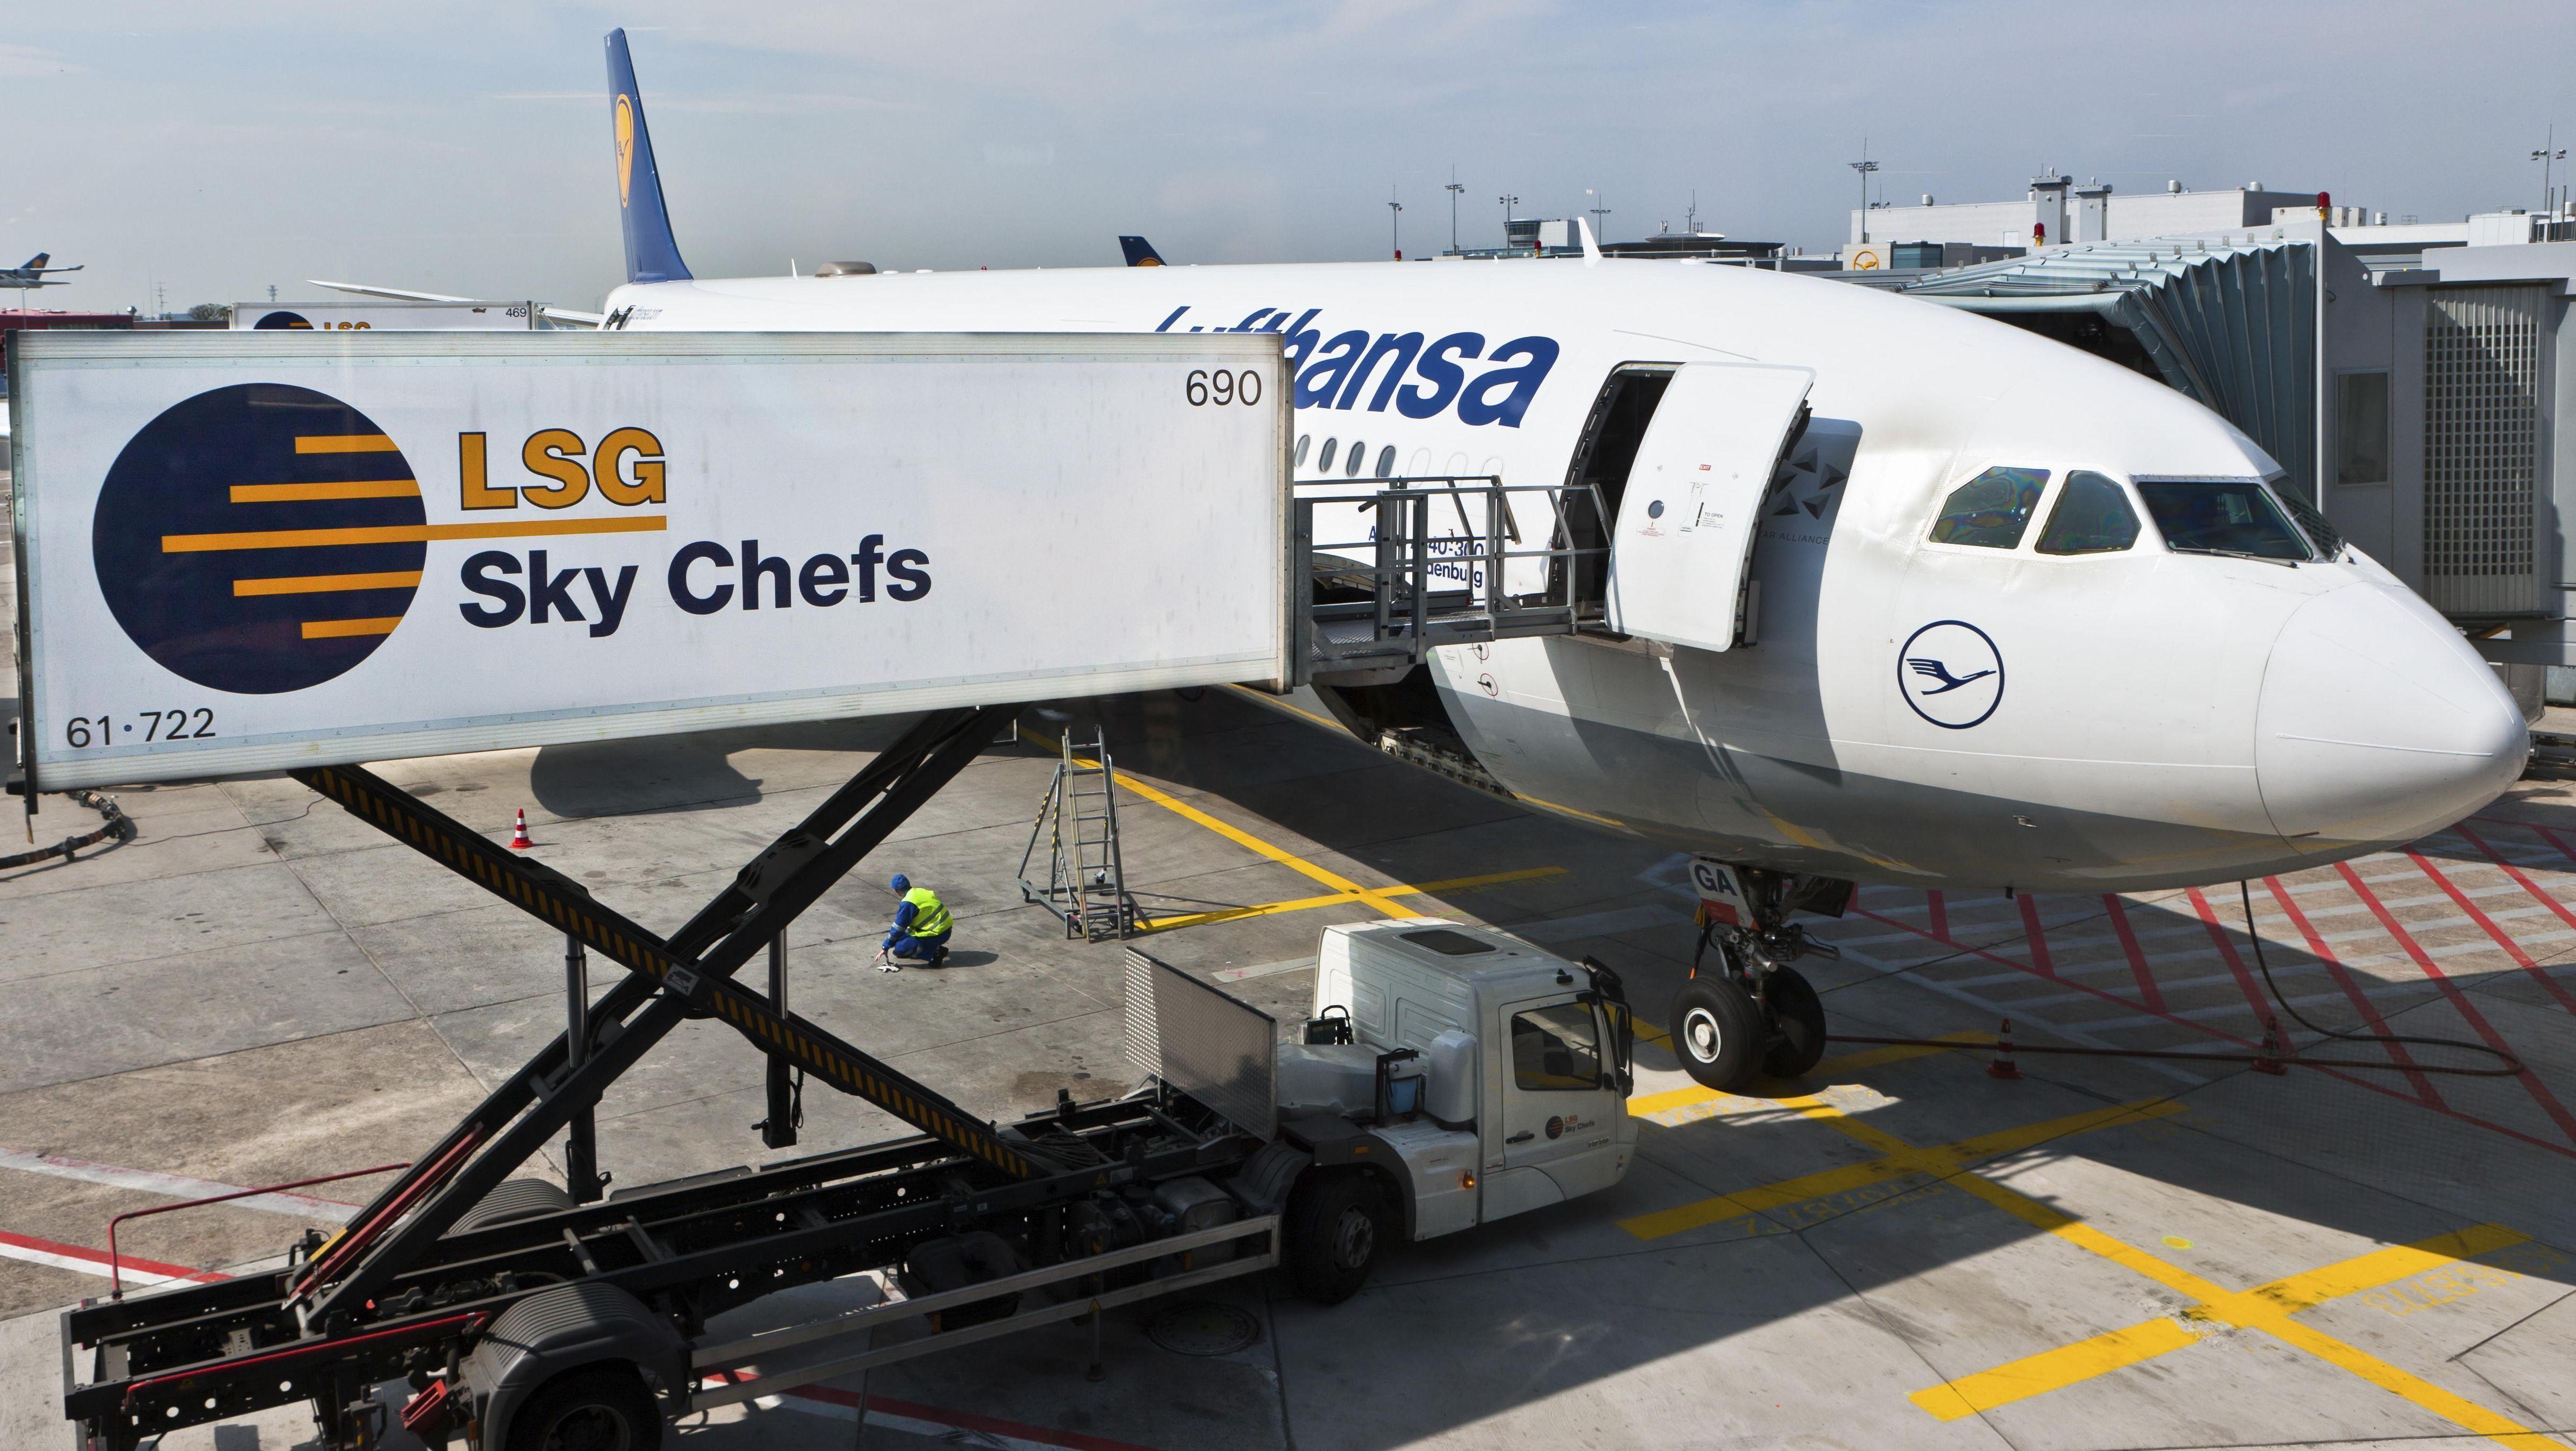 Der Catering-Service Sky Chefs befüllt eine Lufthansa-Maschine